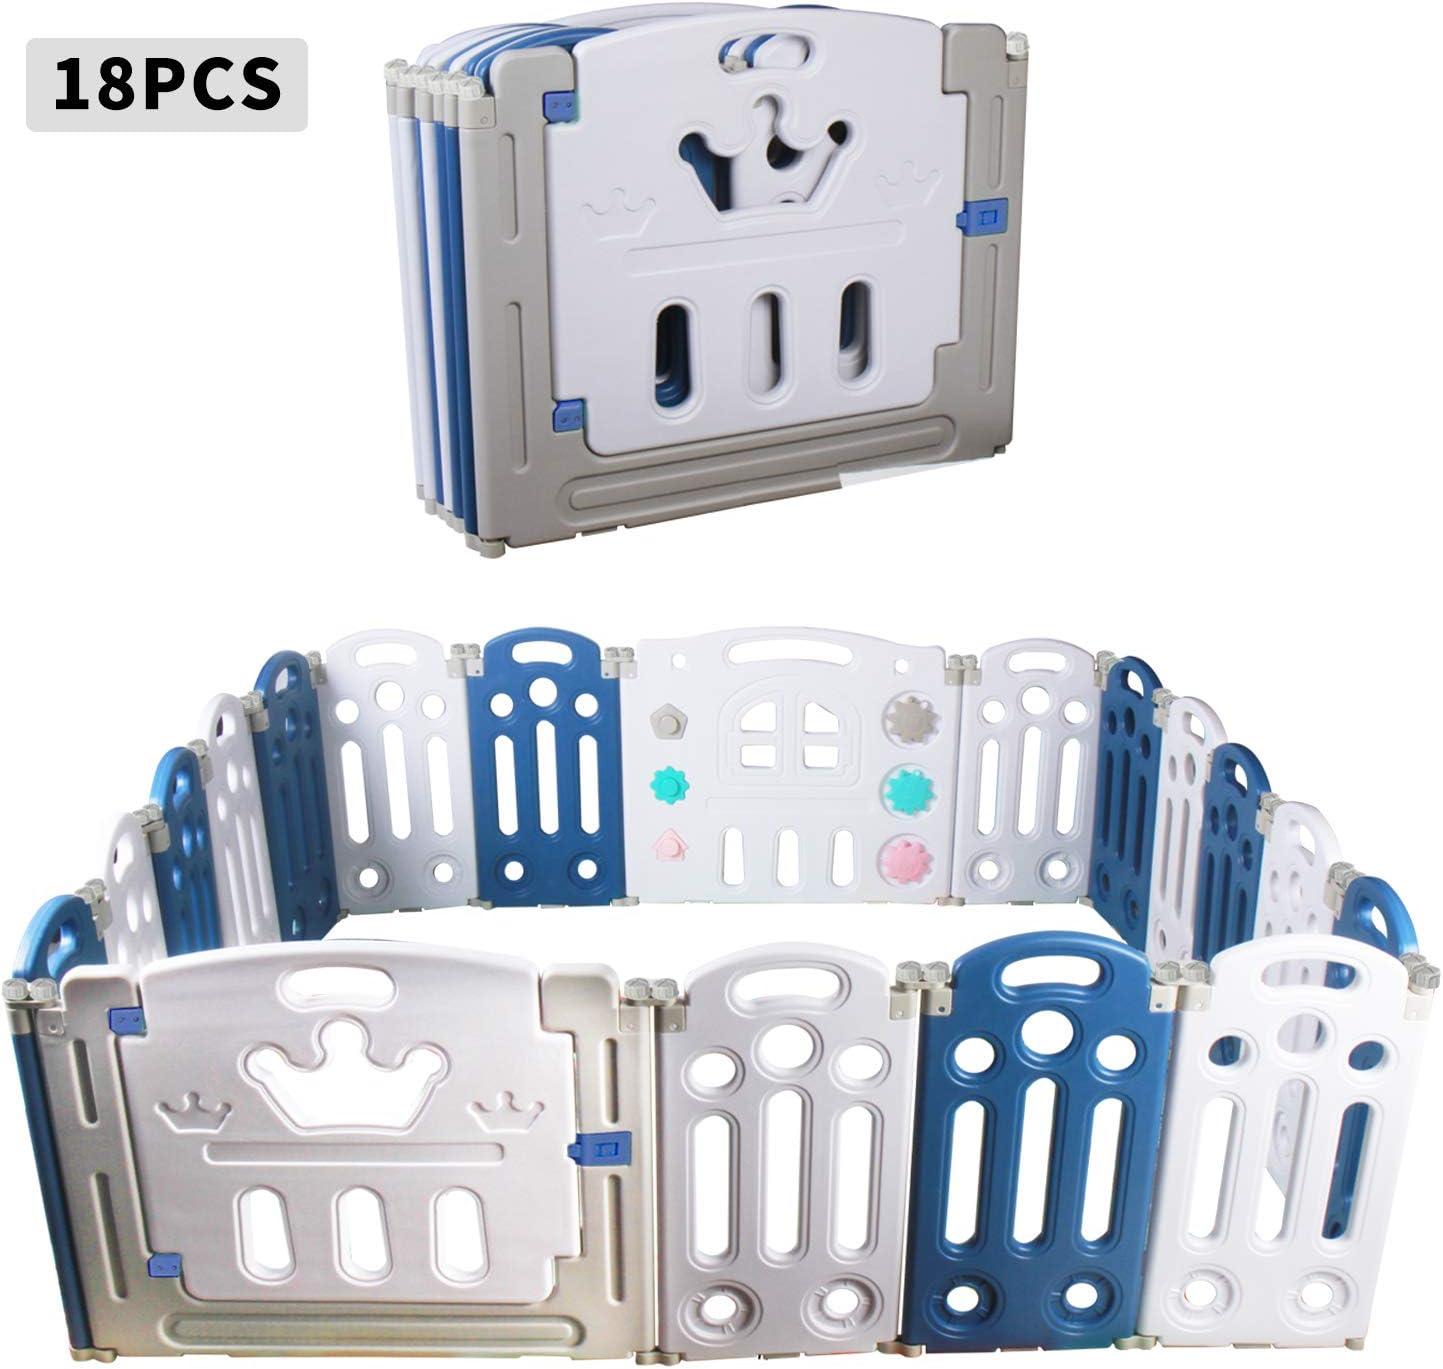 12+2 // Bleu,gris,blanc//plis CCLIFE Parc B/éb/é Parc B/éb/é Barri/ère Pliable Grand Parc B/éb/é Protecteur En Plastique Cl/ôture B/éb/é avec Porte et Jouets Int/érieur Ext/érieur